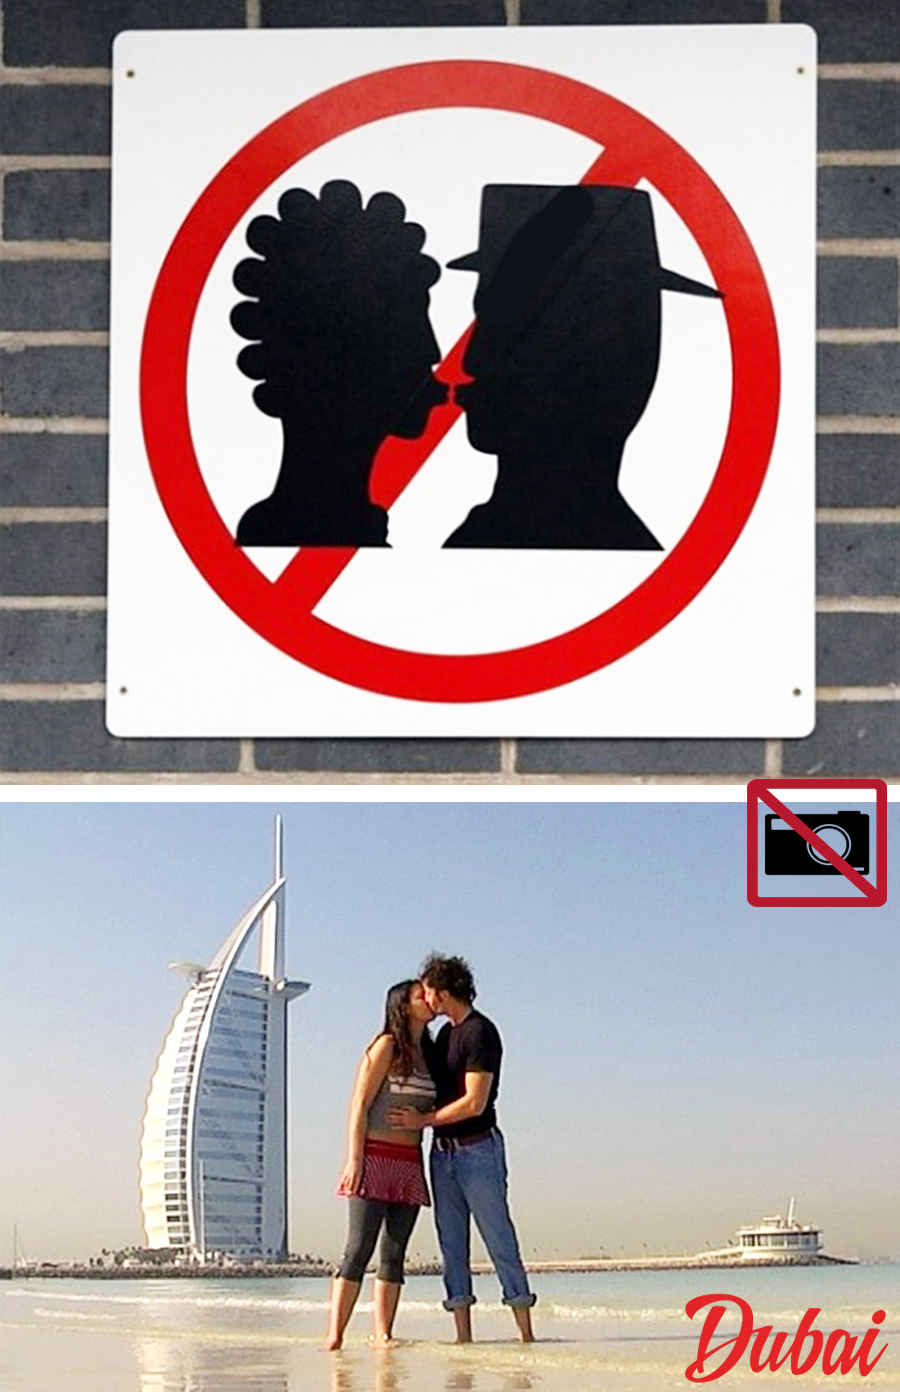 В Эмиратах запрещено целоваться в общественных местах